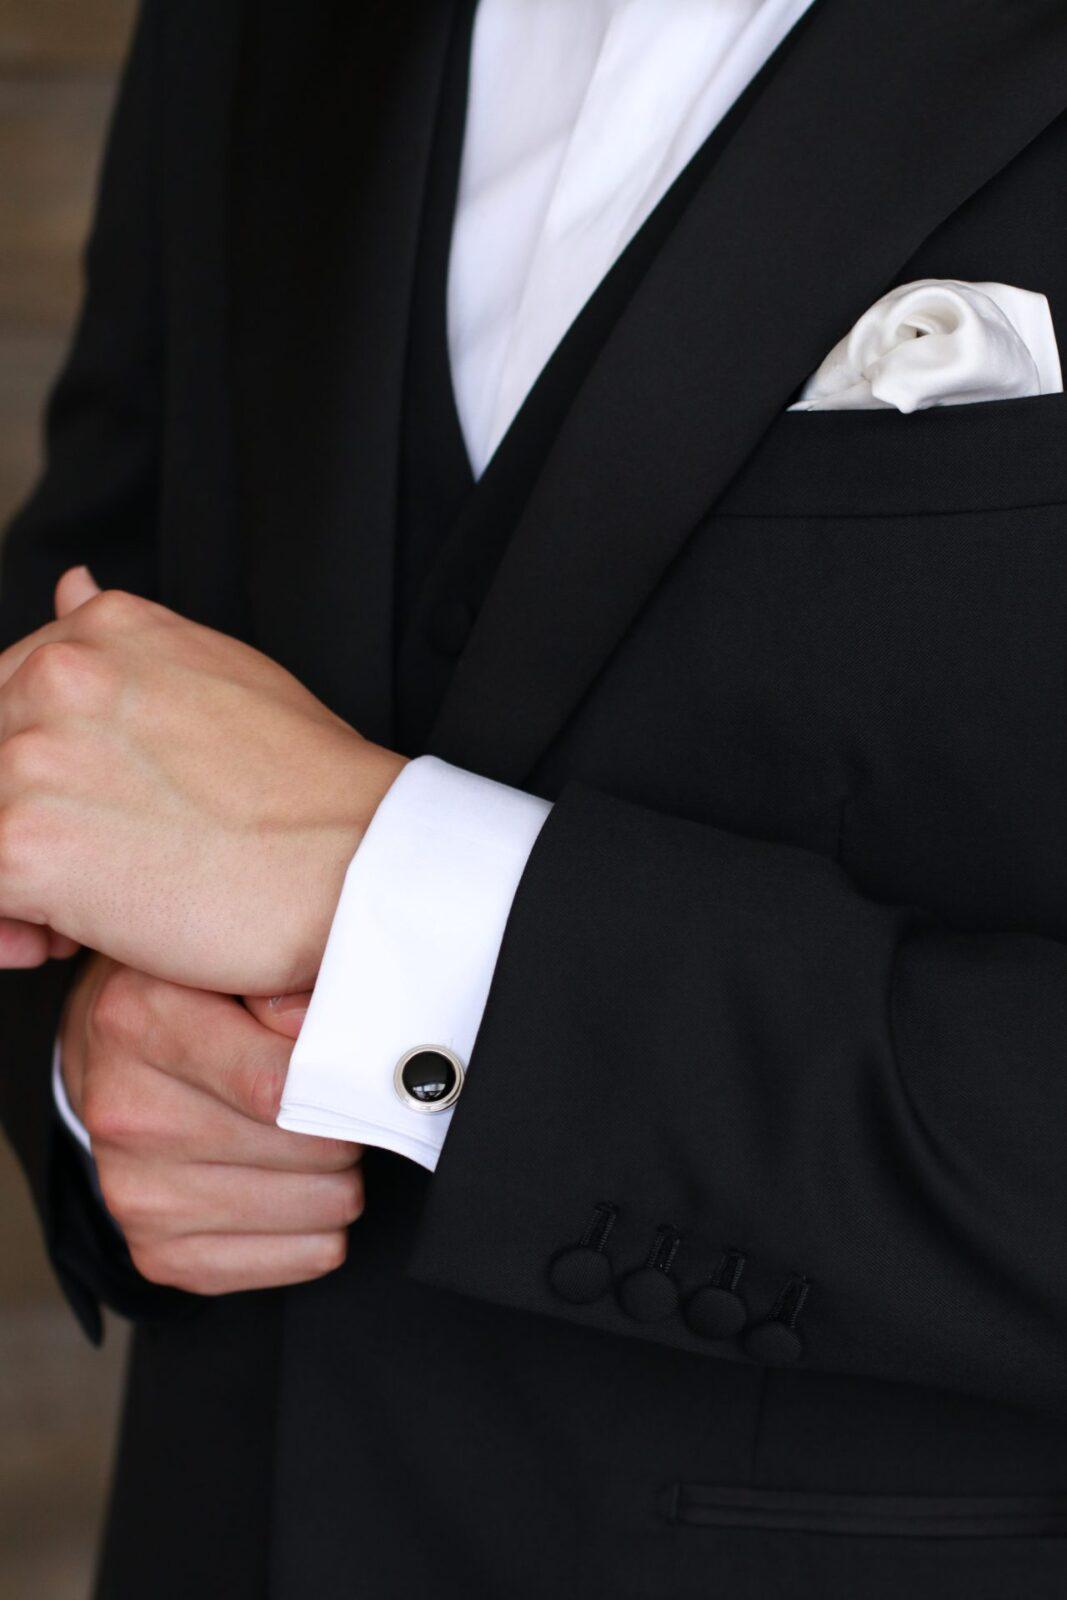 カフリンクスは男性の唯一のアクセサリーで、フォーマルなブラックオニキスのカフリンクスはビジネスシーン、カジュアルシーンやフォーマルなシーンでご使用いただけるアイテムです。